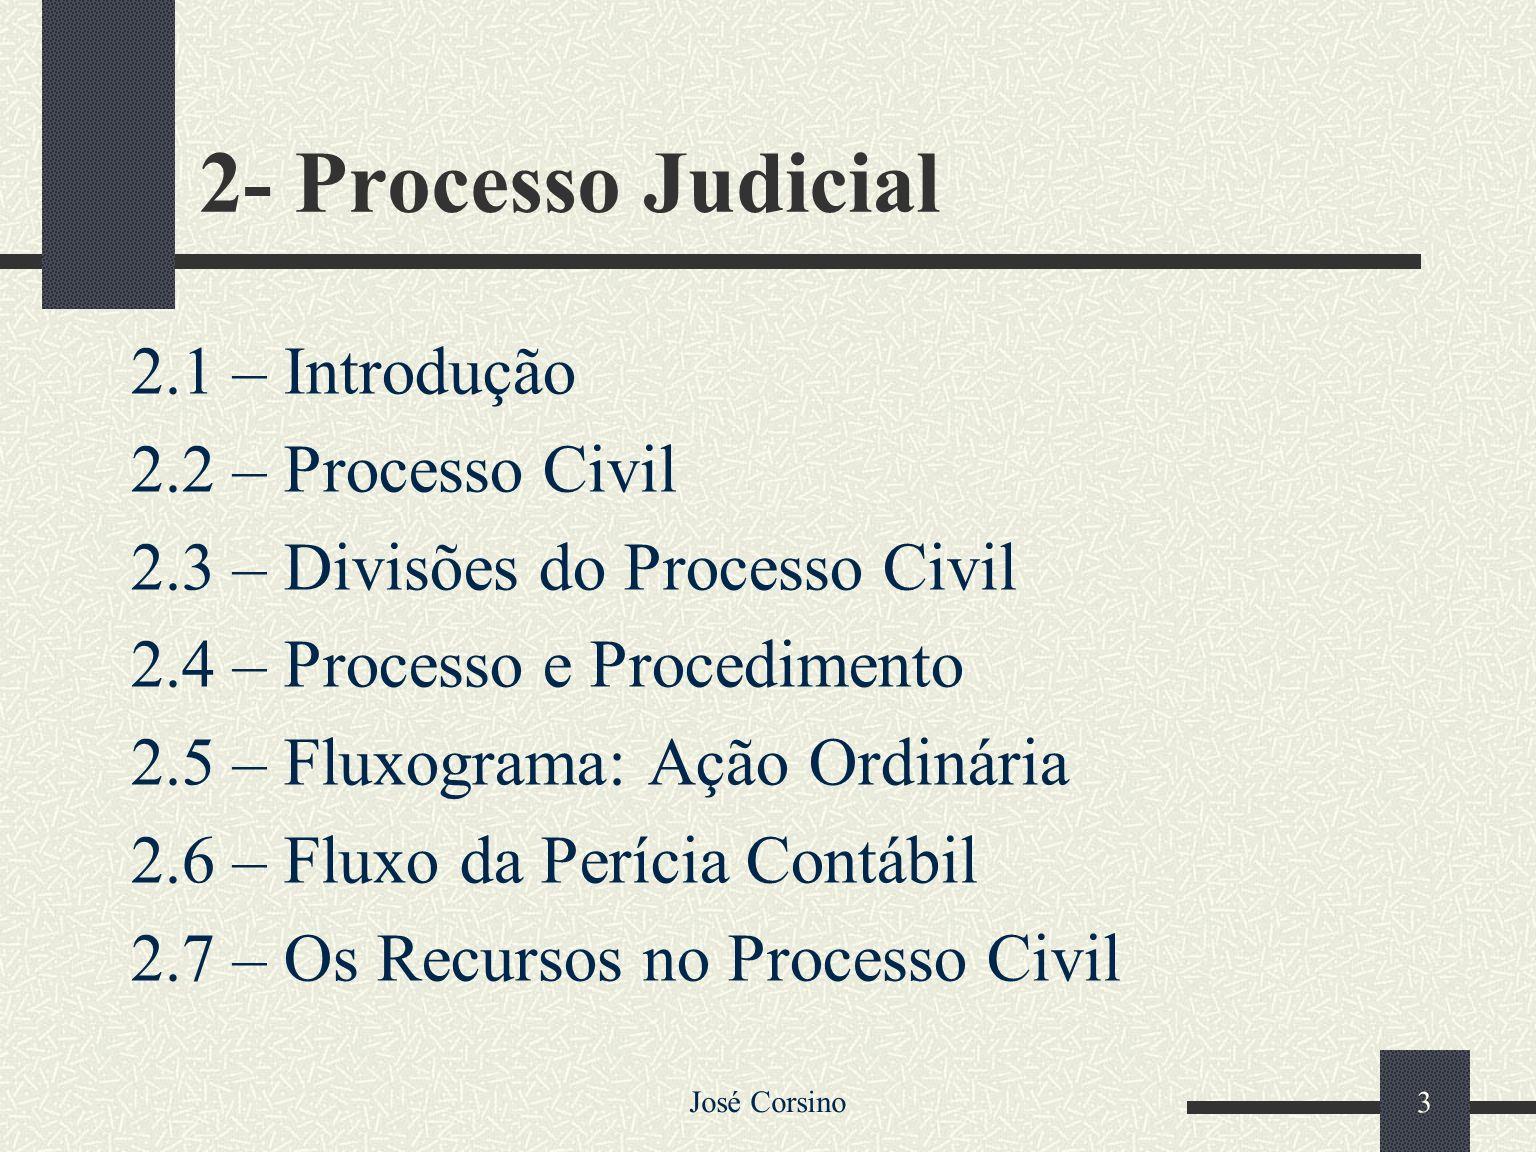 José Corsino 2 1- Organização do Judiciário 1.1 – Introdução 1.2 – A Constituição Federal e o Judiciário 1.3 – Judiciário 1.4 – Poder Judiciário Estad